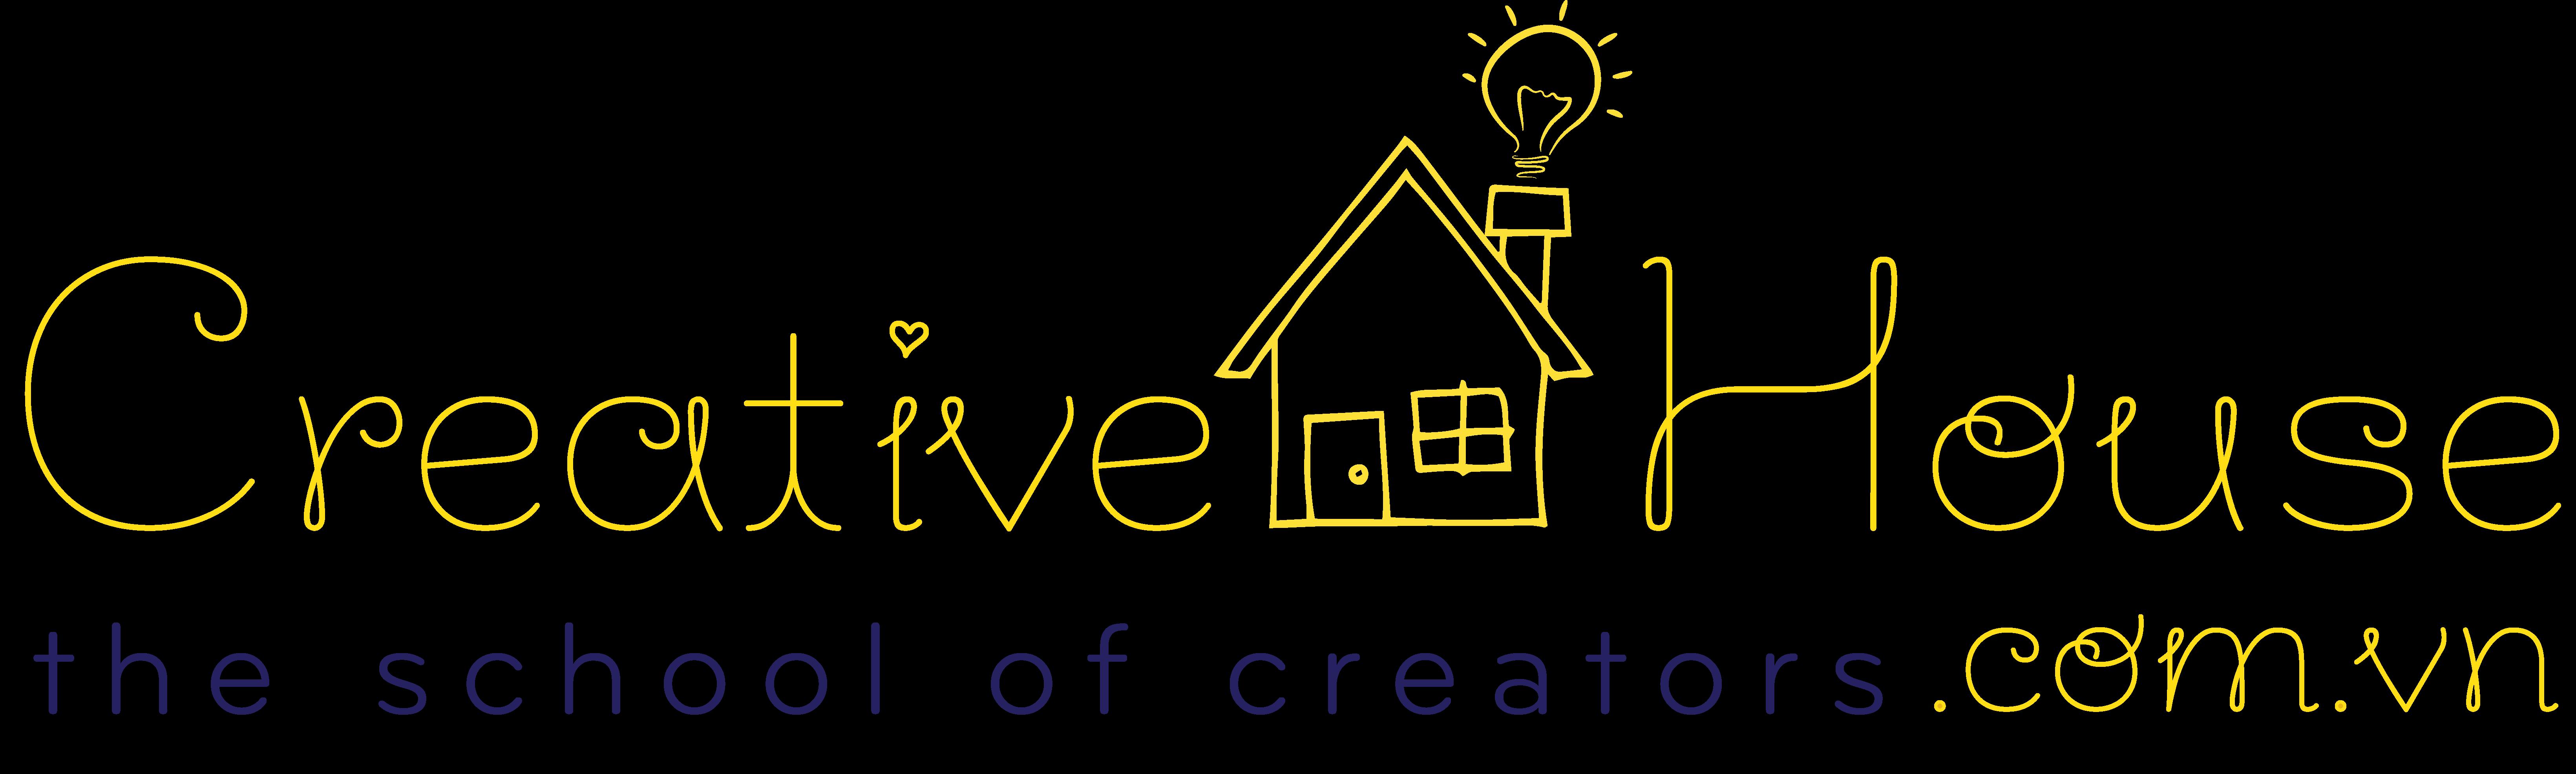 CreativeHouse - The School of Creator - Ngôi trường của nhà sáng tạo.